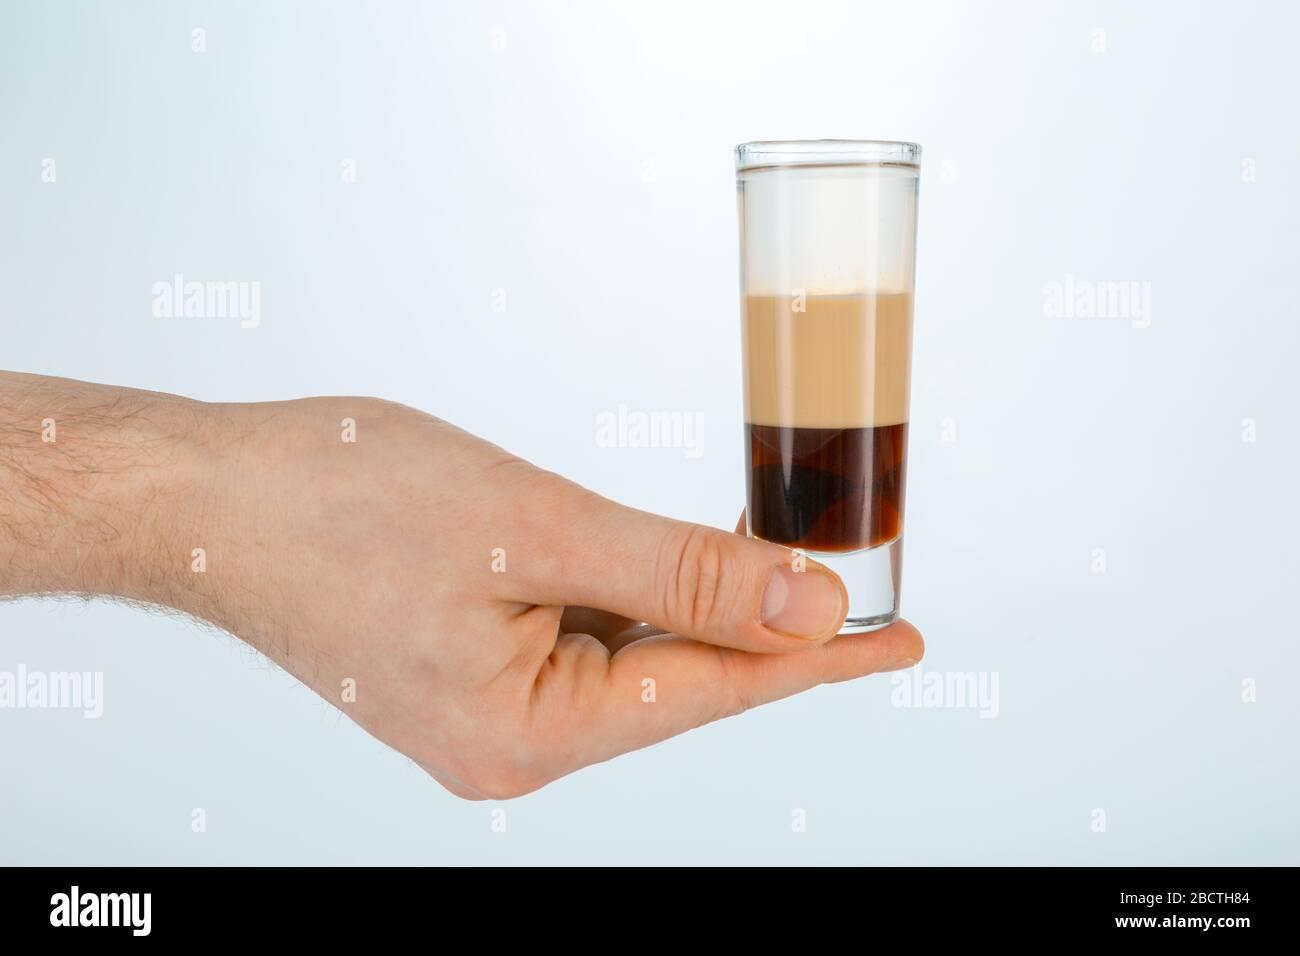 Gros plan d'une main tenant un verre de cocktail en forme de b52 sur fond blanc avec espace de copie. Banque D'Images